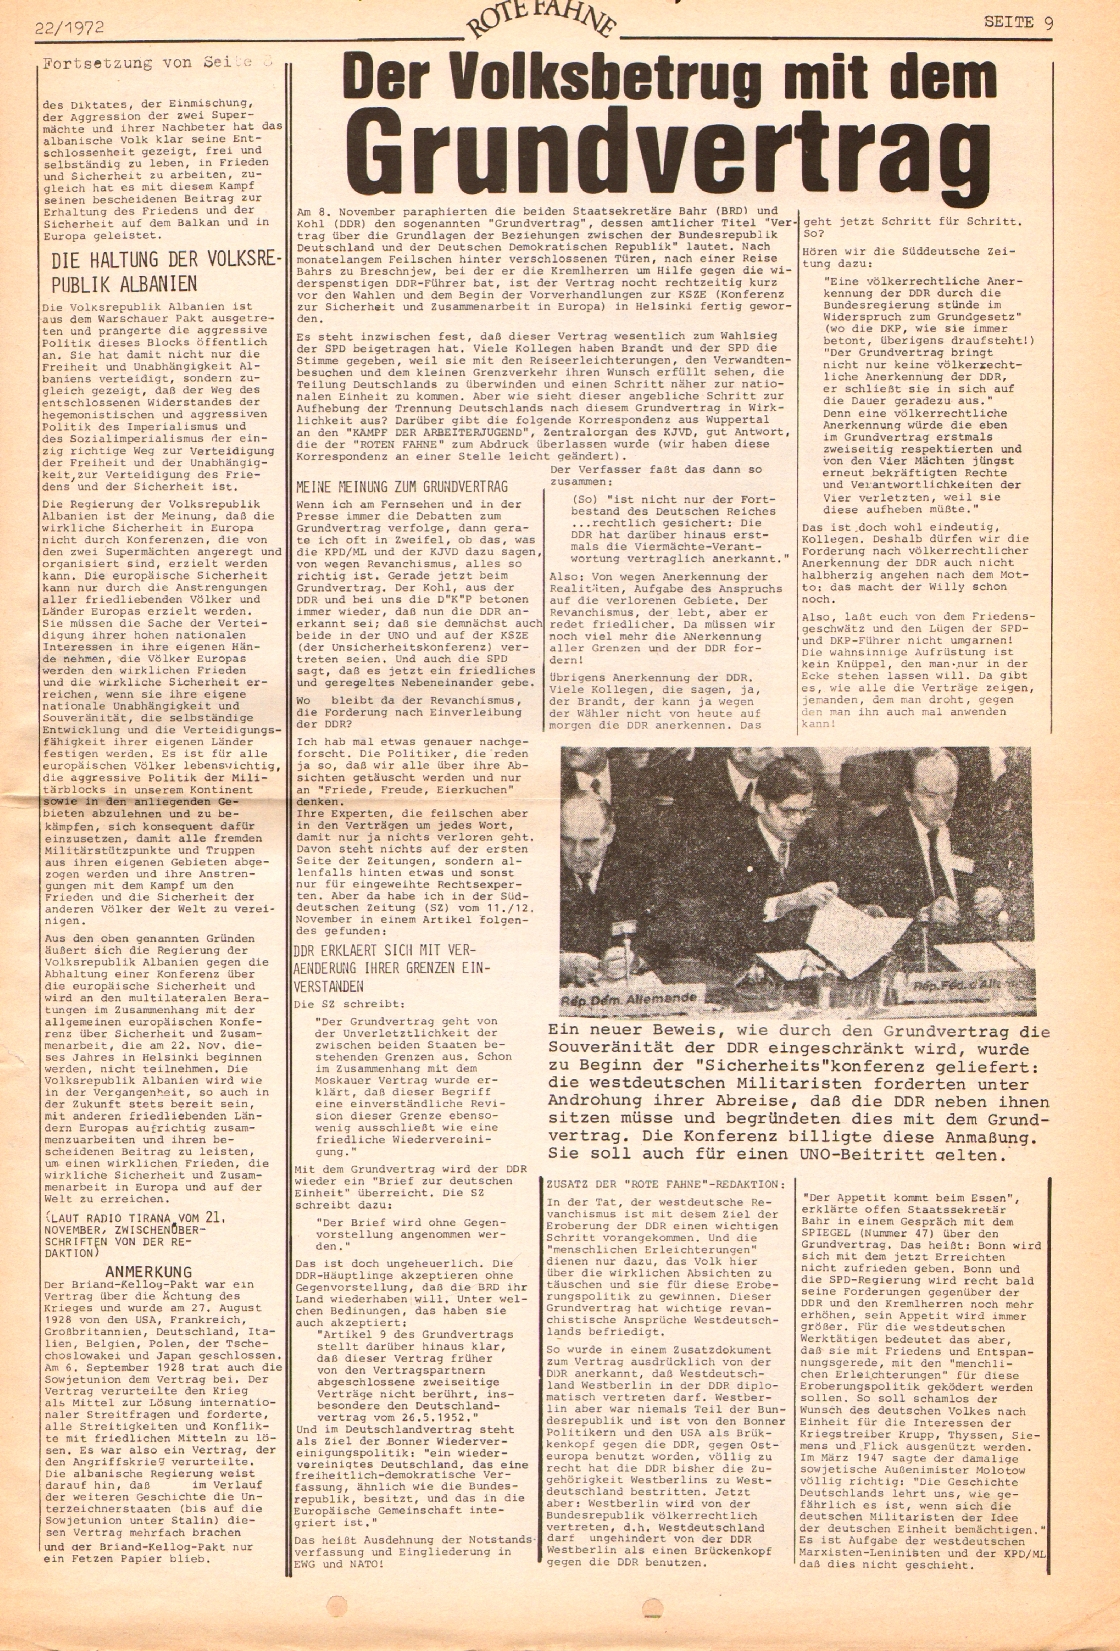 Rote Fahne, 3. Jg., 1.12.1972, Nr. 22, Seite 9